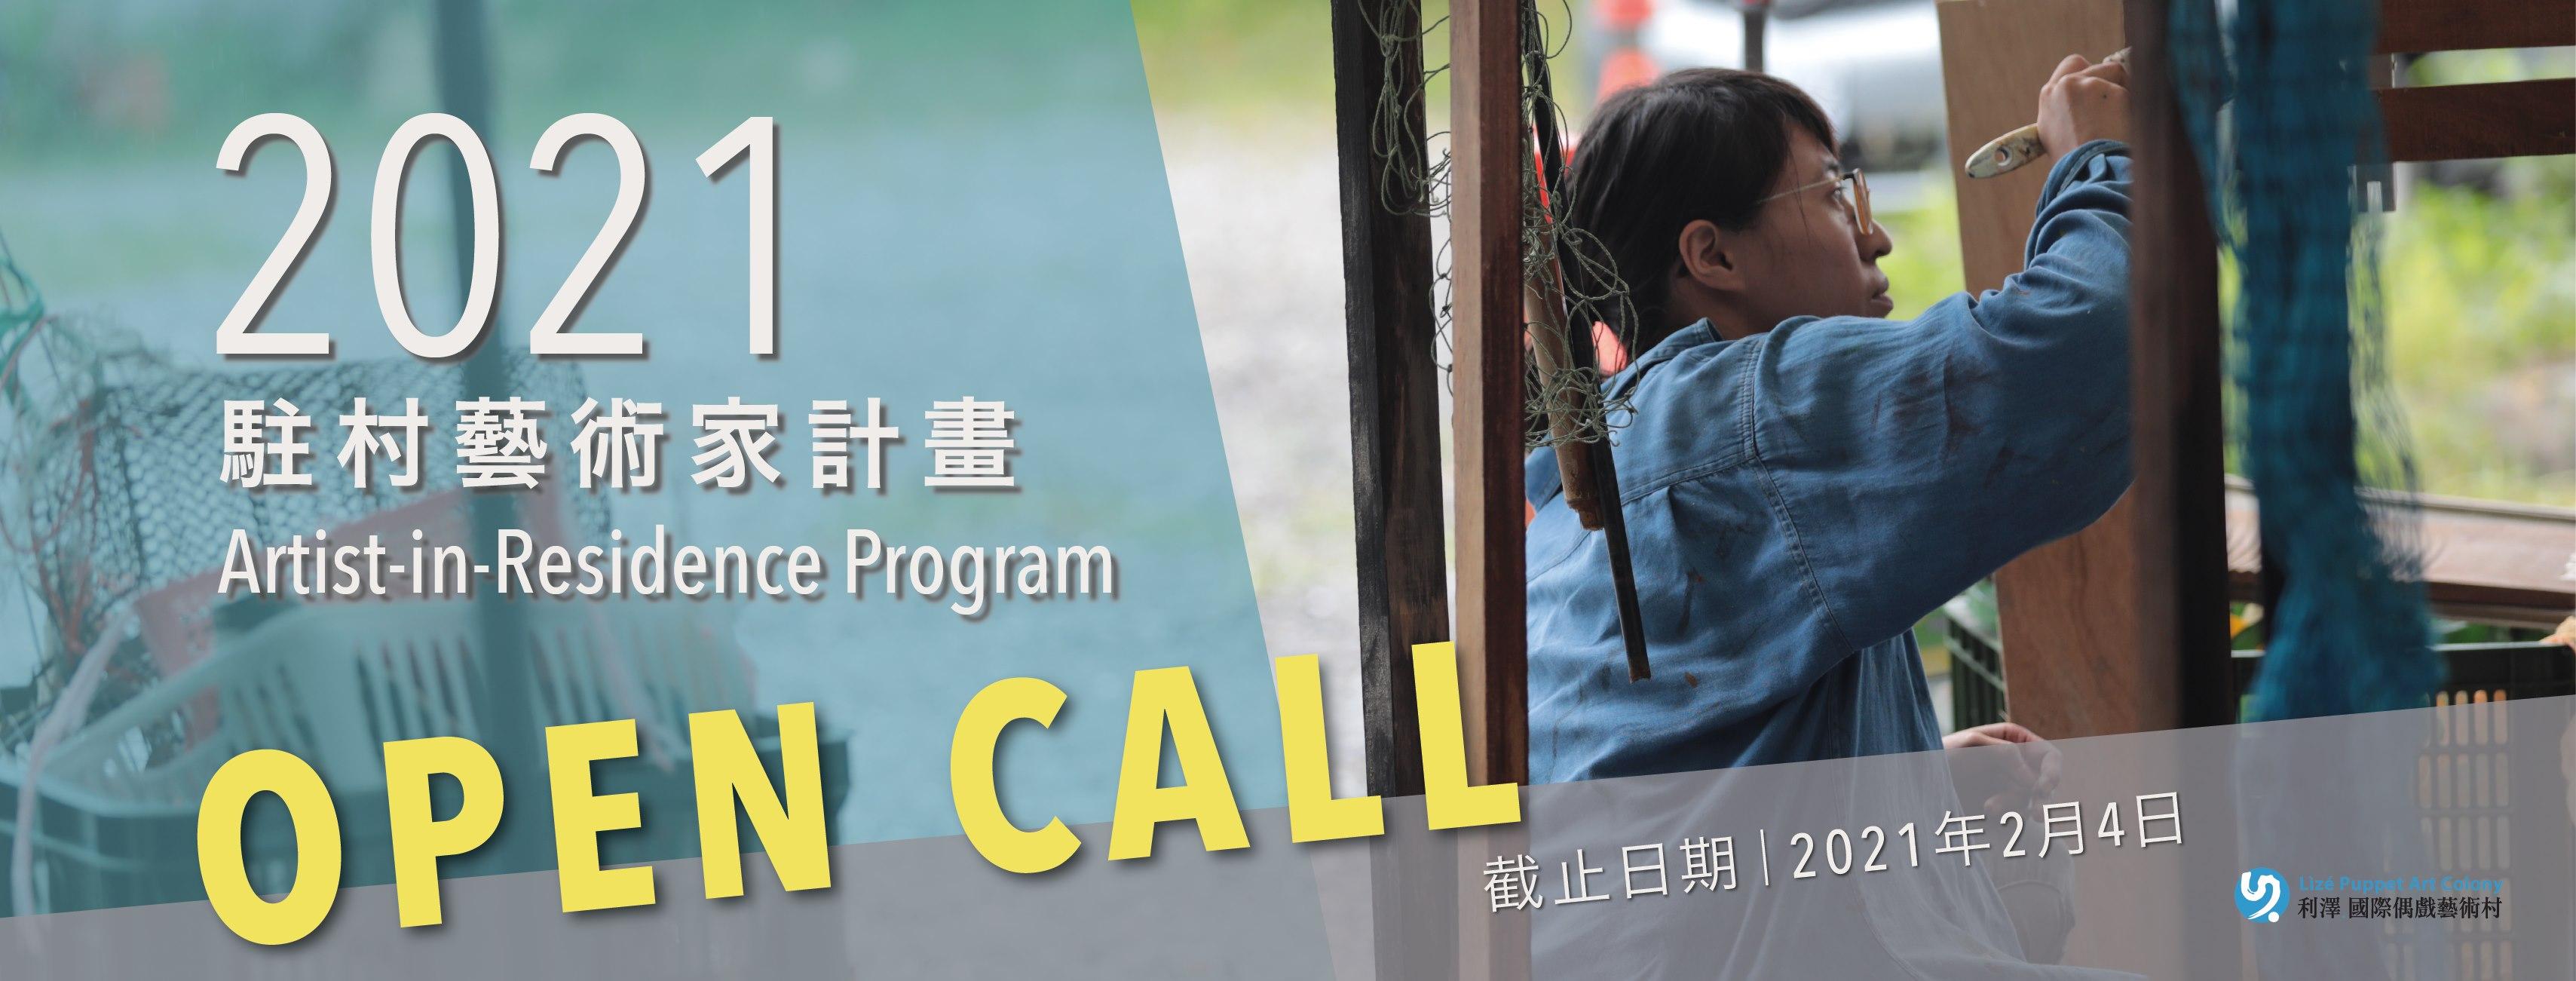 2021利澤國際偶戲藝術村【駐村藝術家計畫】Open call